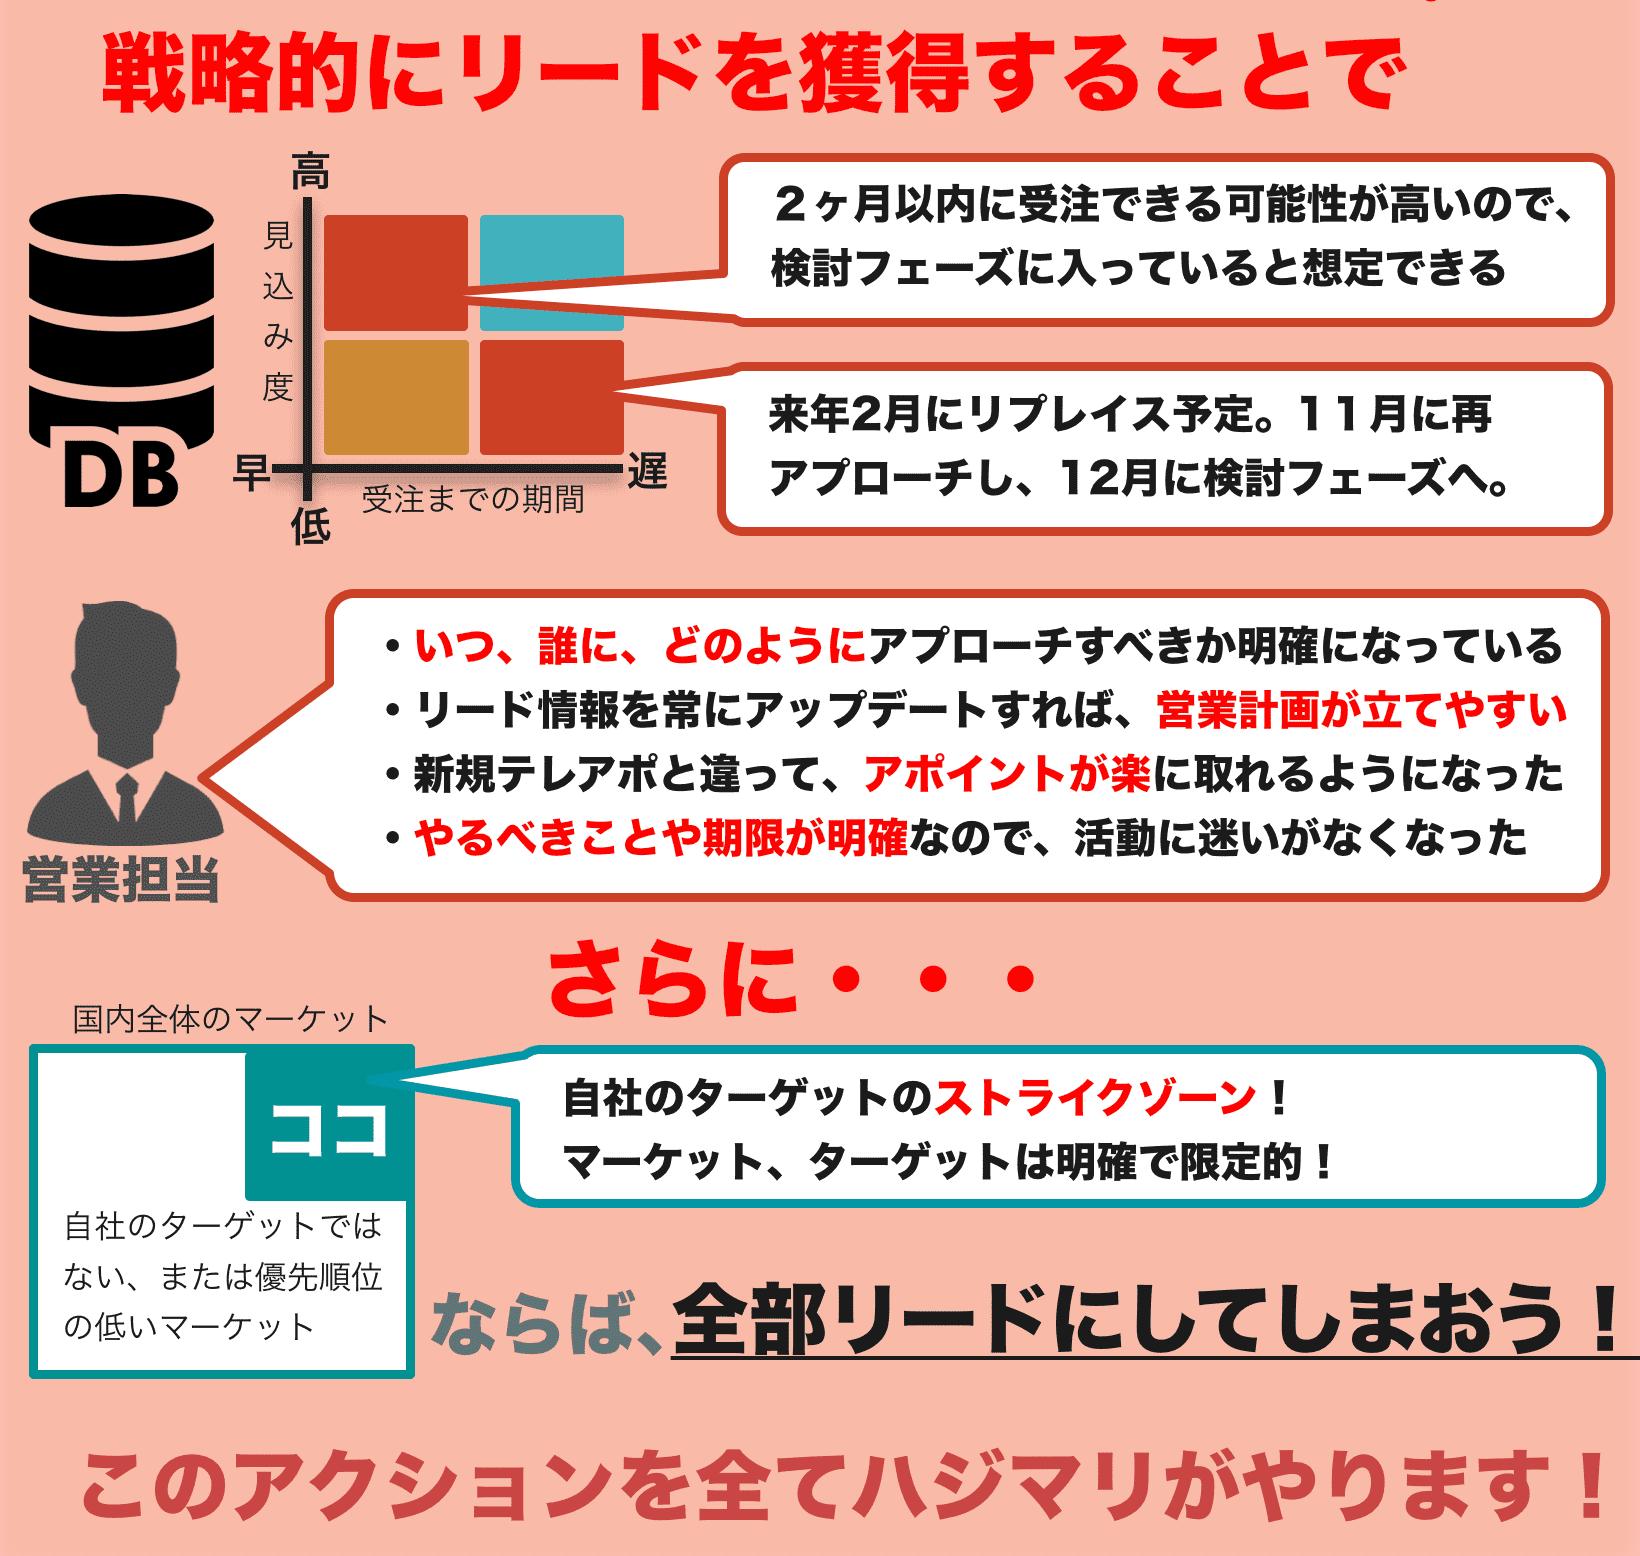 hajimari テレマーケティング